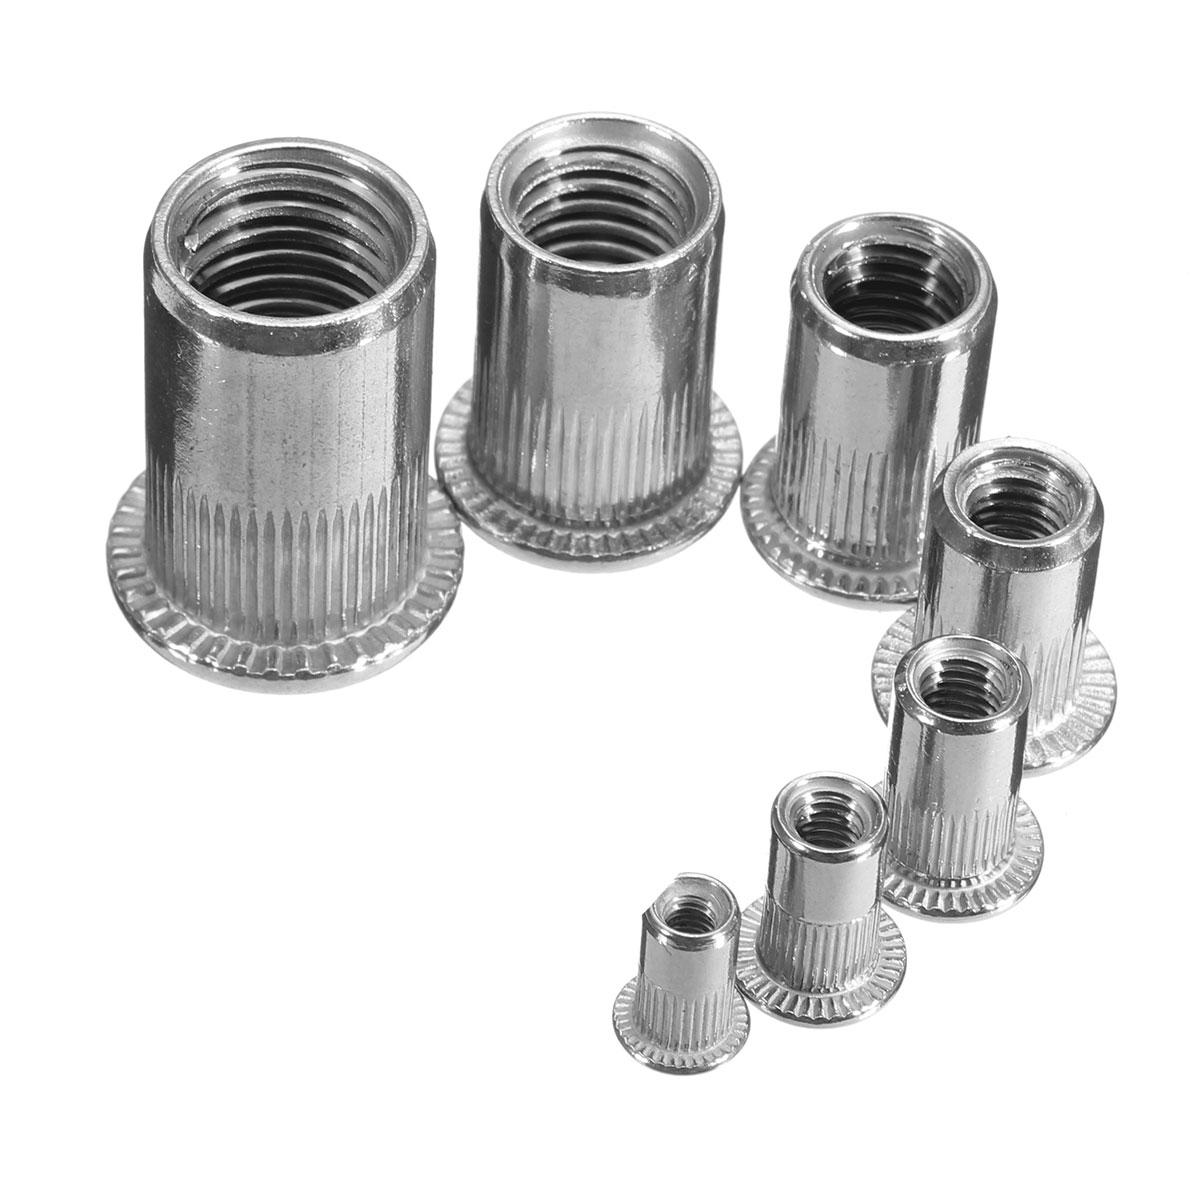 1pcs Slilver Threaded Steel Rivnuts Blindnuts Nutserts Nuts Insert Rivet